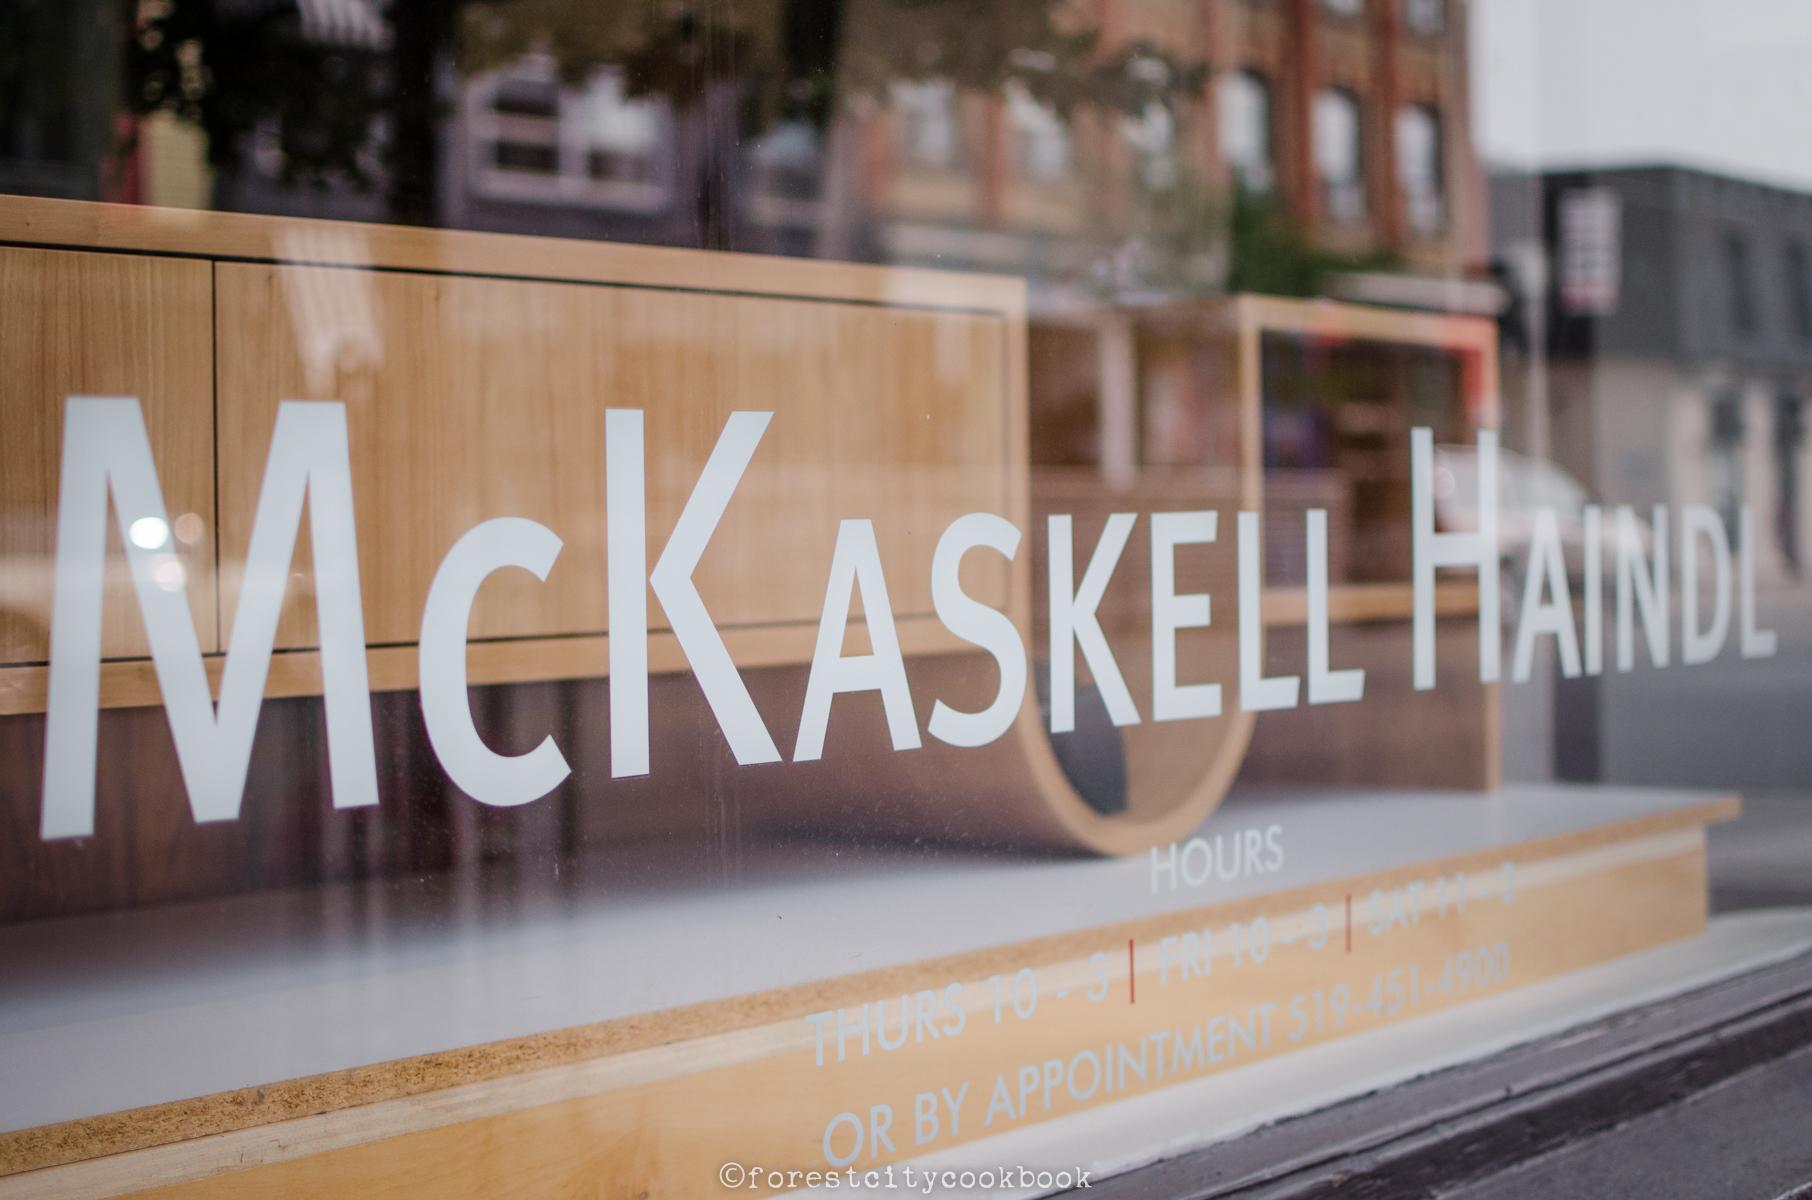 McKaskell Haindl Showroom - Forest City Cookbook